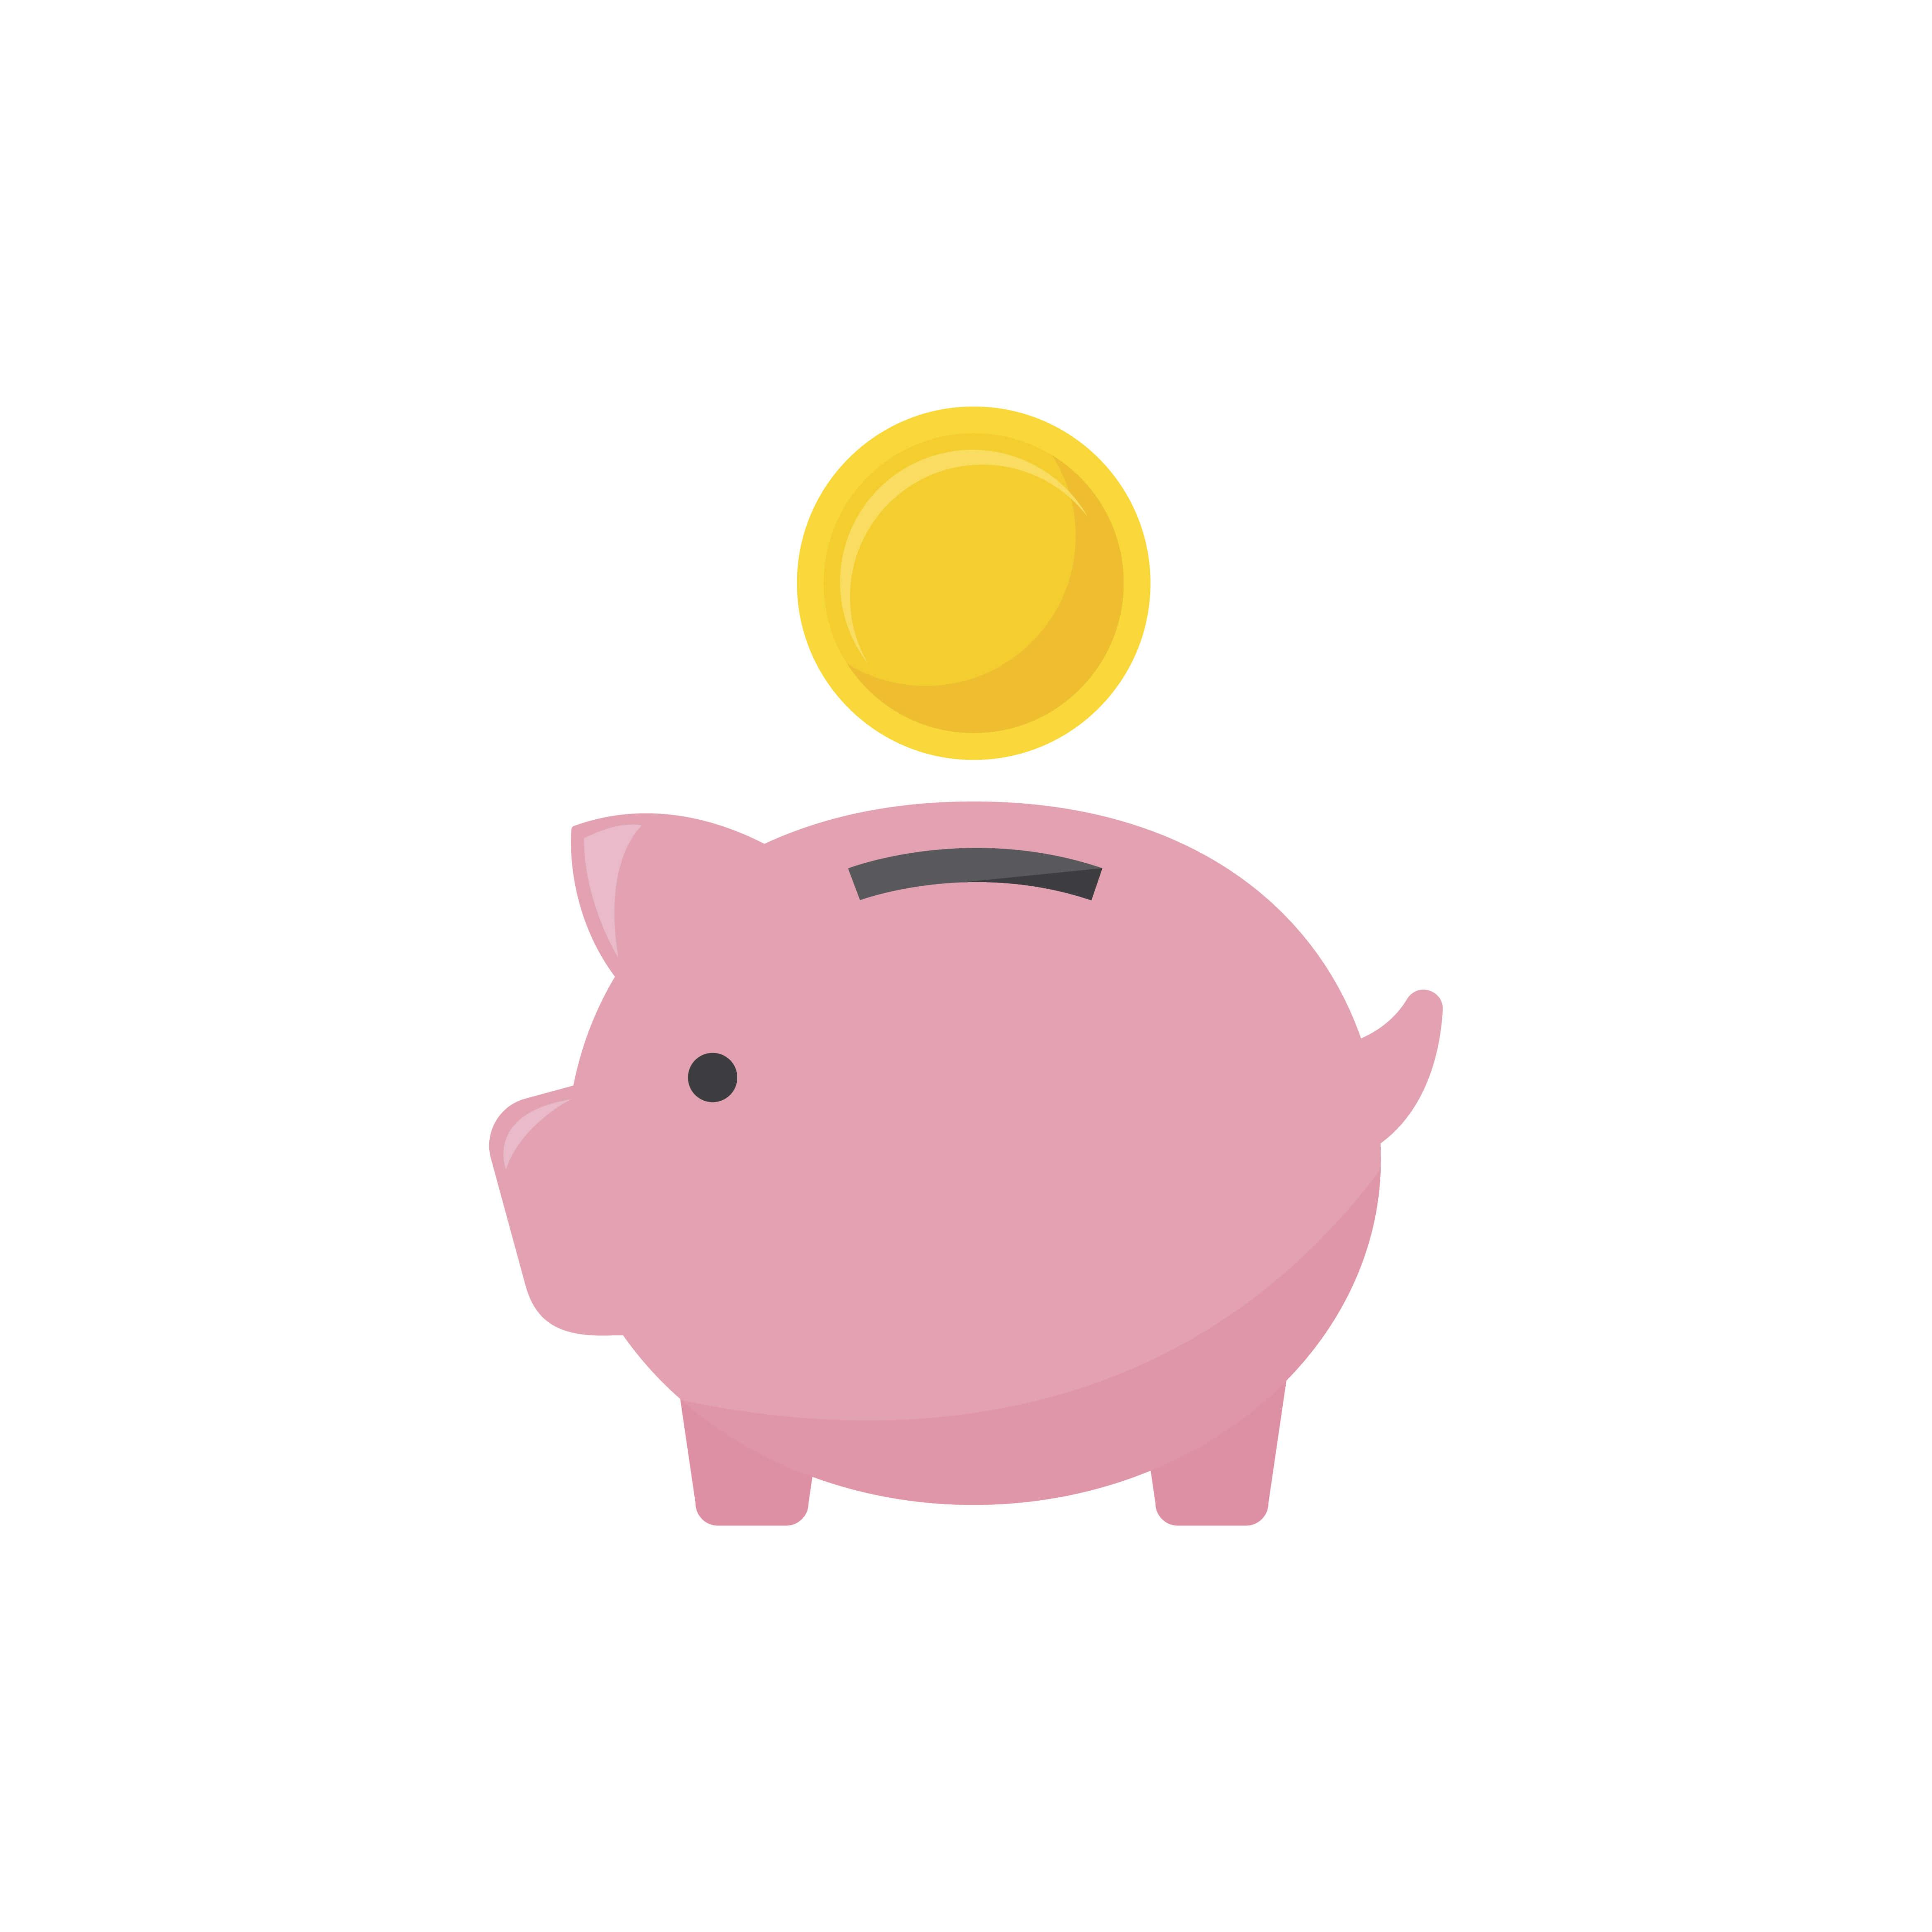 tirelire cochon pour montrer les avantages fiscaux de l'achat d'oeuvre d'art